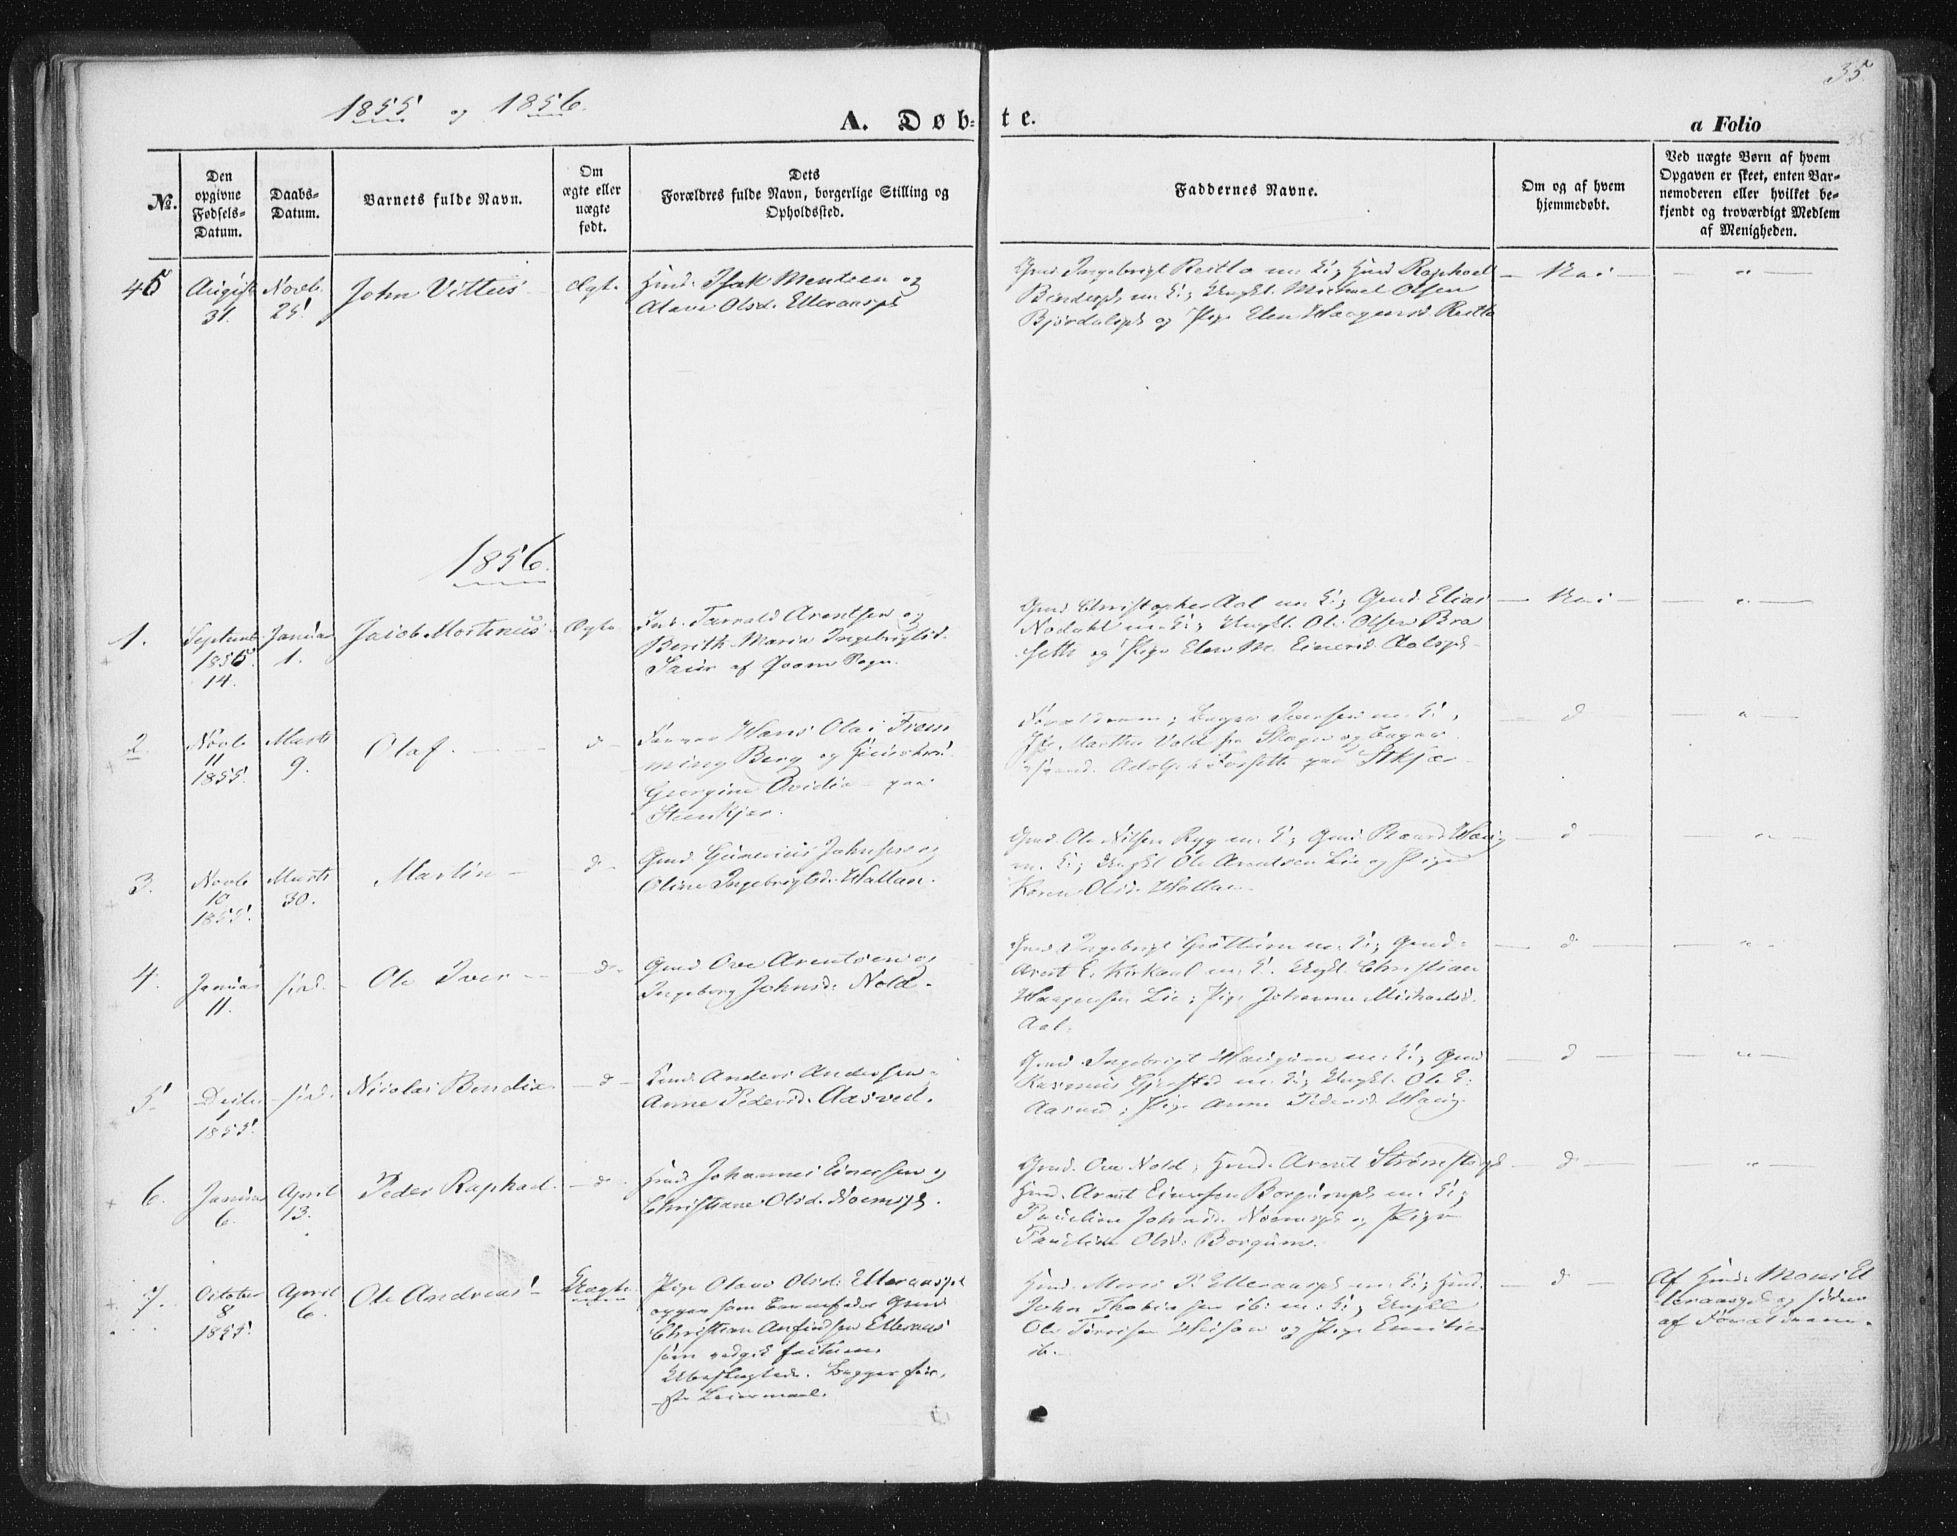 SAT, Ministerialprotokoller, klokkerbøker og fødselsregistre - Nord-Trøndelag, 746/L0446: Ministerialbok nr. 746A05, 1846-1859, s. 35